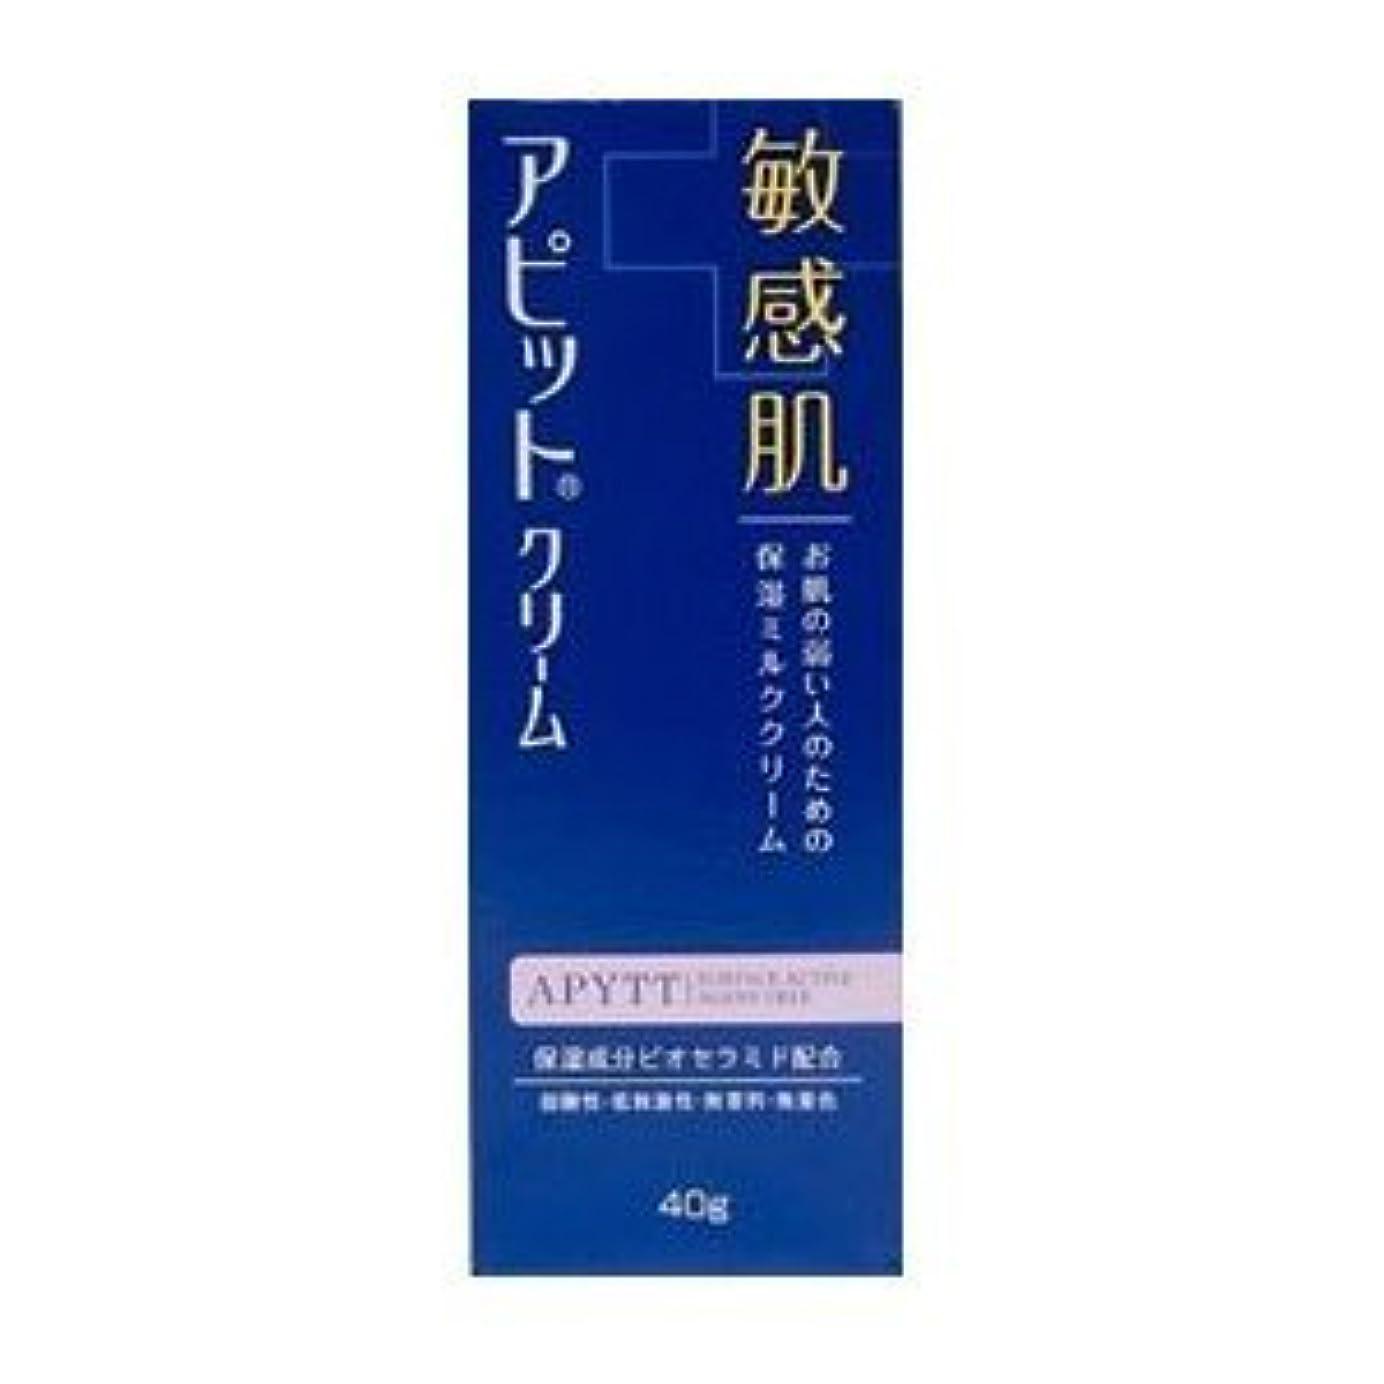 ディレクトリアシュリータファーマンドラマ全薬工業 アピットクリーム 40g×3個セット (医薬部外品)